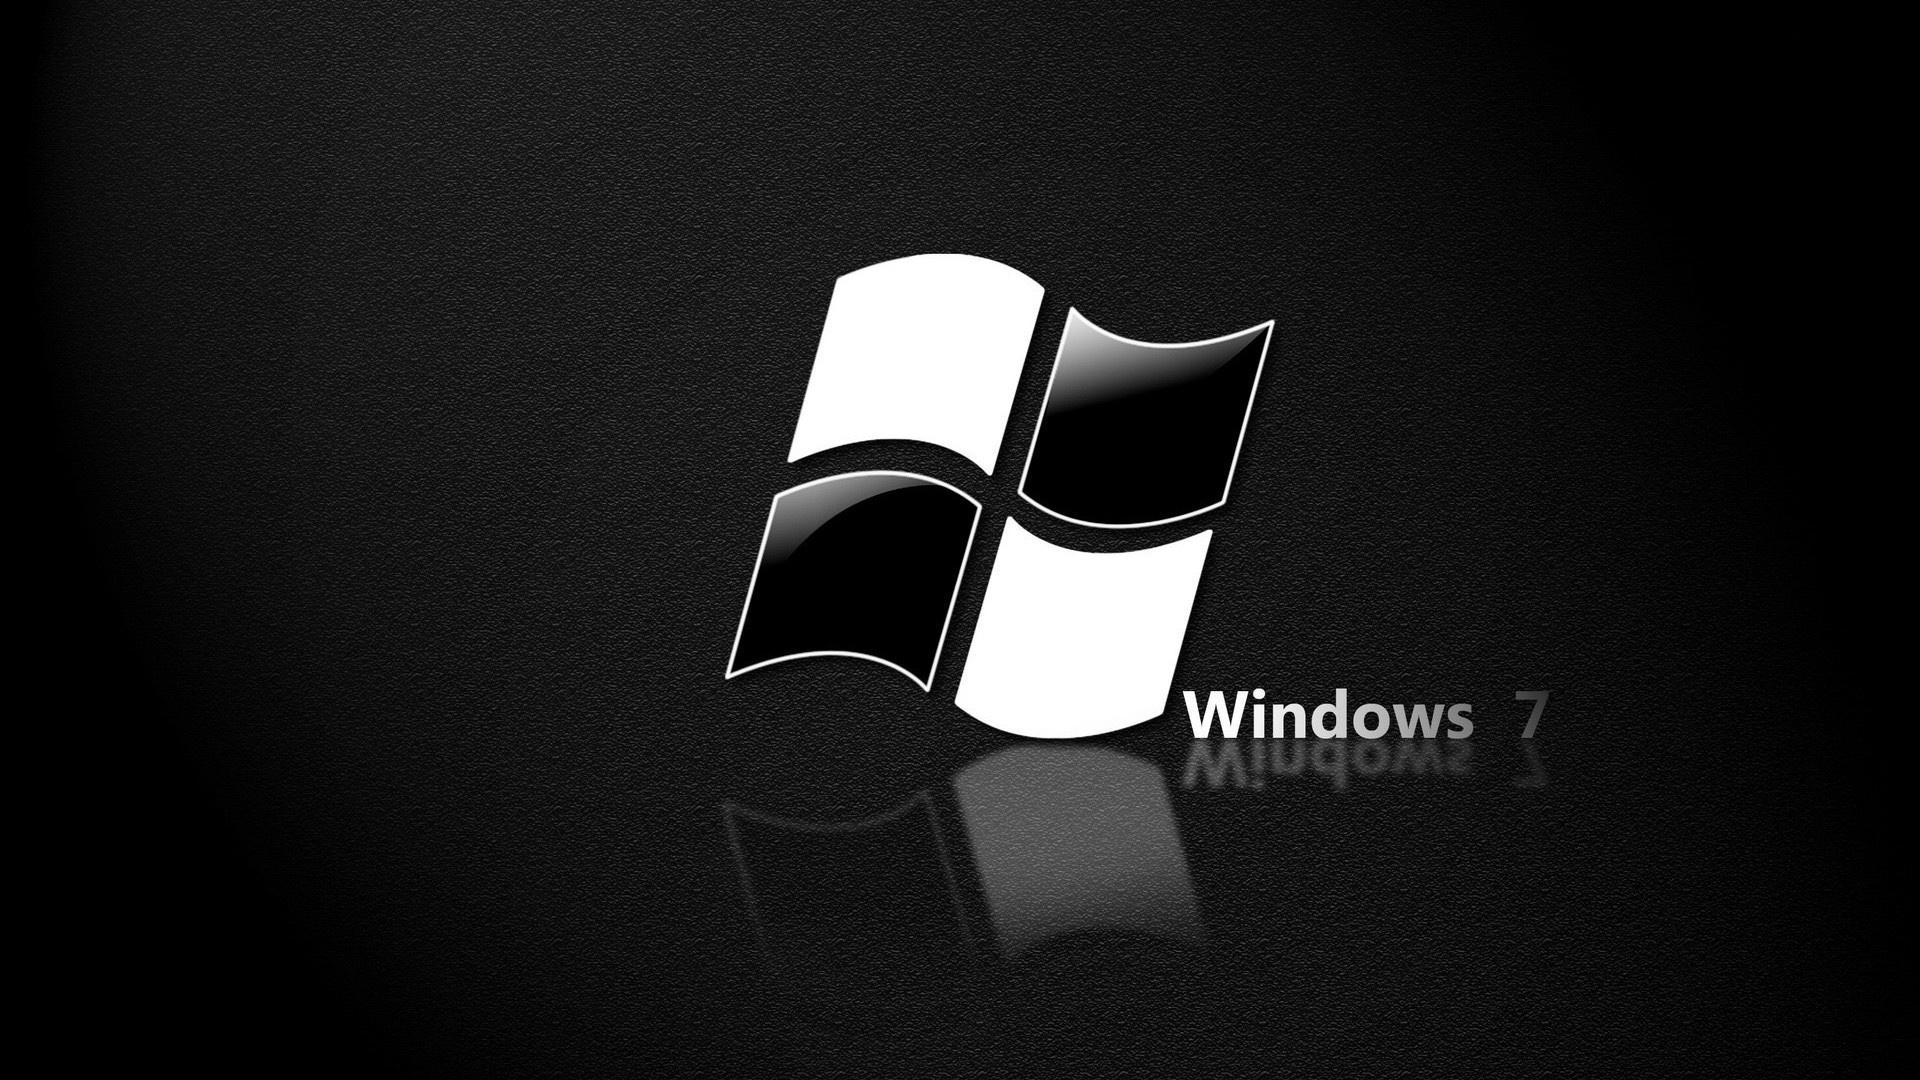 Download Free Windows 7 Wallpapers 4yourdesktop